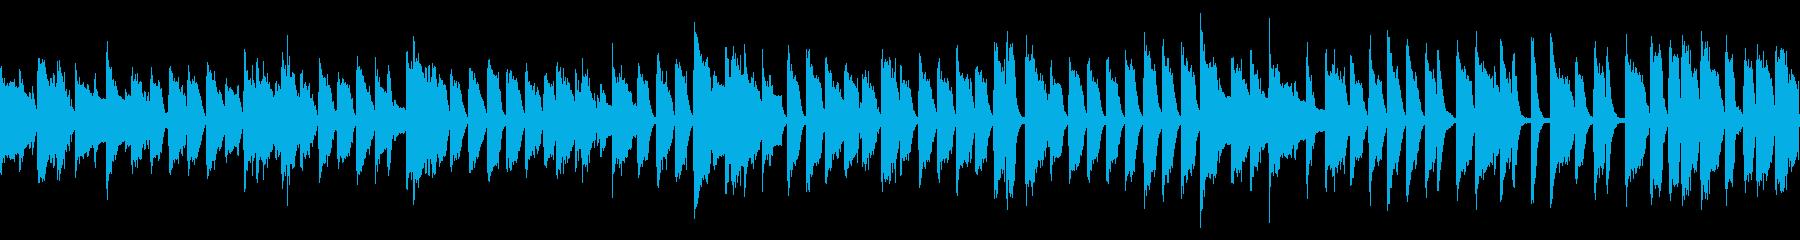 ジャジーなカフェBGM (ループ仕様)の再生済みの波形